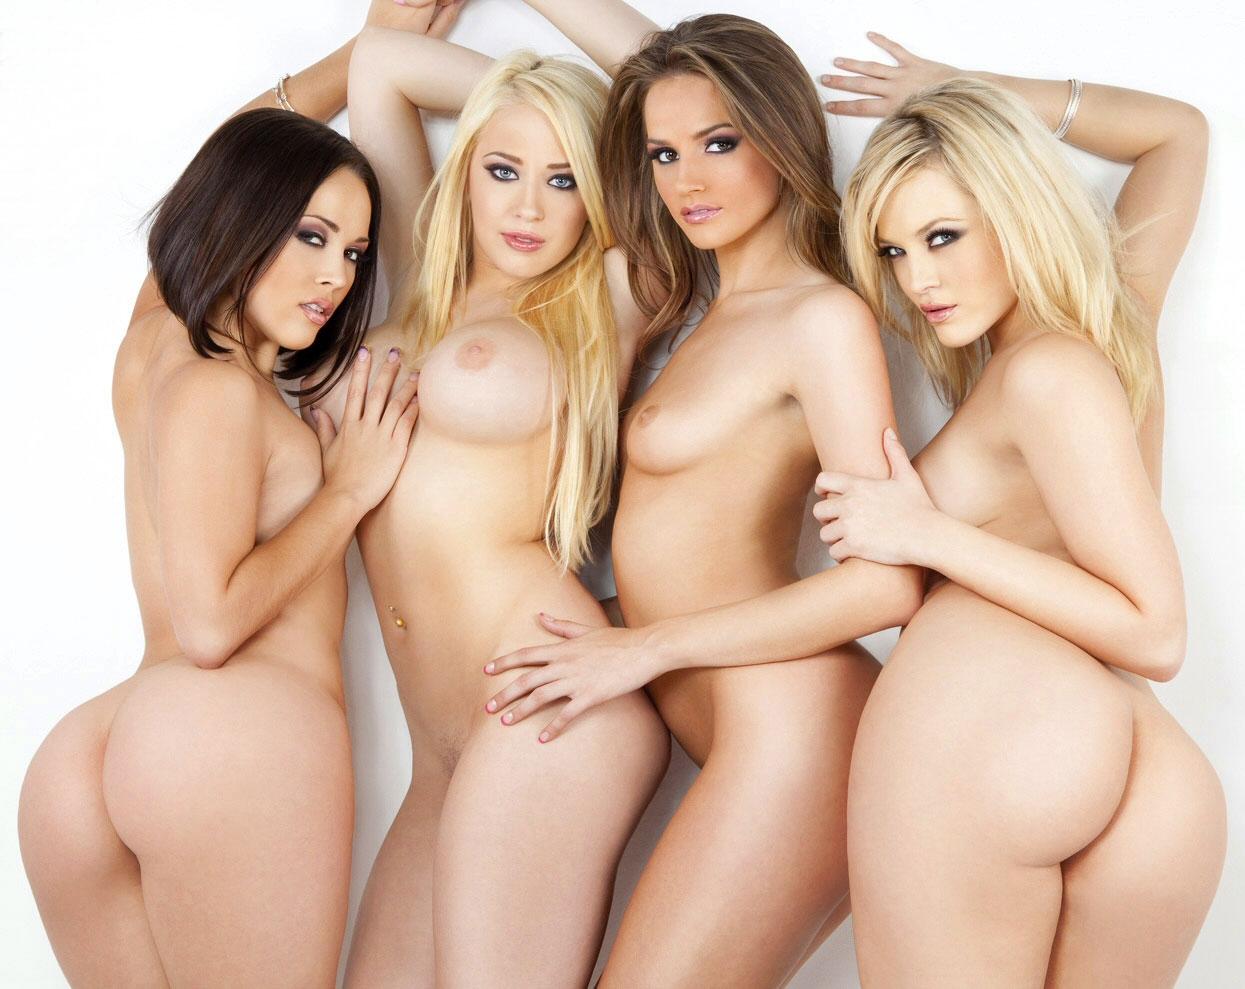 「全裸だョ!全員集合」 ←コレに一番ぴったりくる画像を貼ったヤツが優勝スレwwwwwwwwwwwwww(画像あり)・21枚目